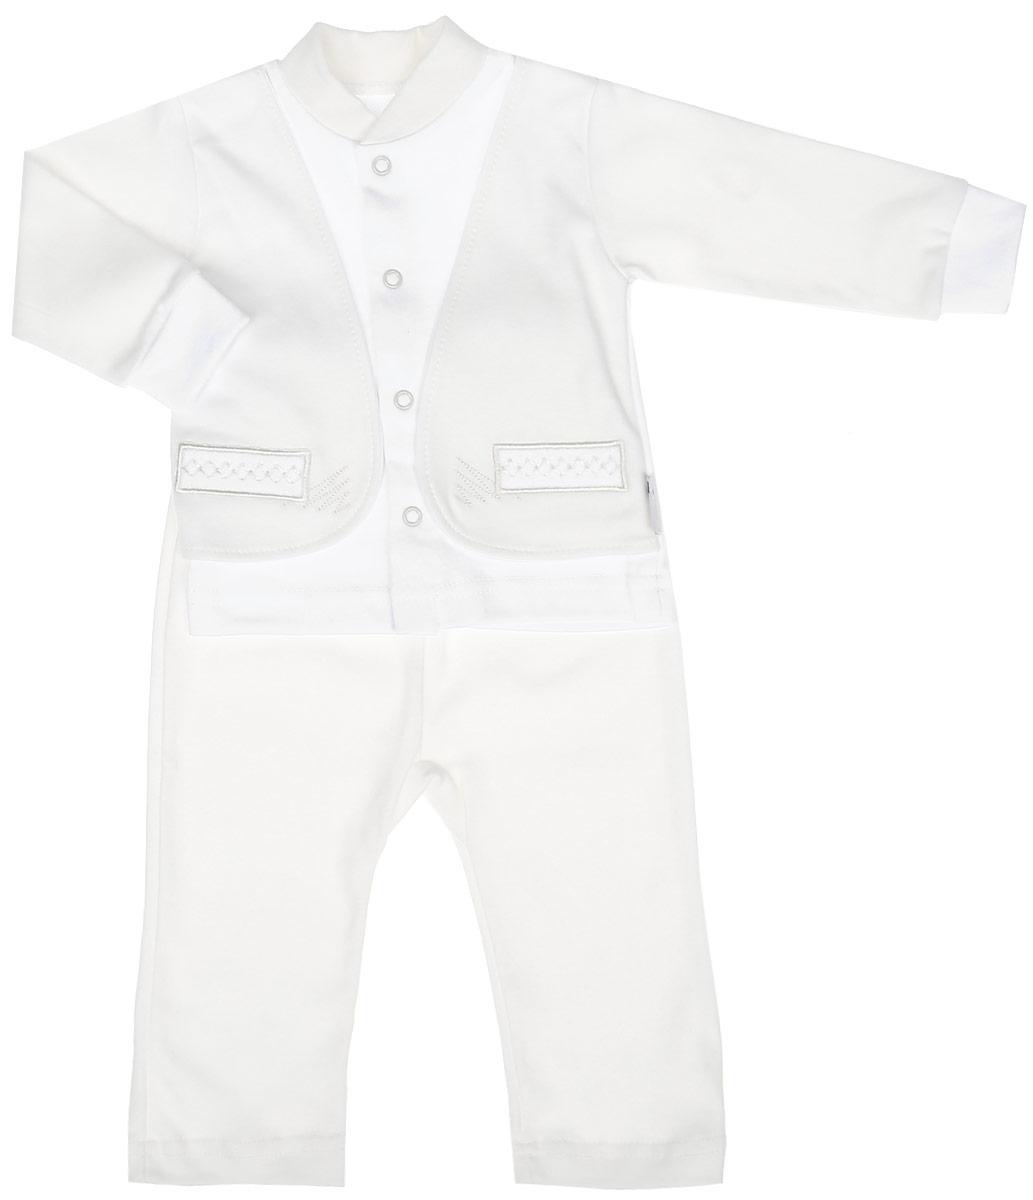 Комплект одежды37к-2005Комплект для мальчика Клякса, изготовленный из натурального хлопка, состоит из кофточки и штанишек. Кофточка с имитацией пиджака застегивается спереди на кнопки. Модель с длинными рукавами имеет круглый вырез горловины, дополненный мягкой трикотажной резинкой. На рукавах предусмотрены эластичные манжеты. Кофточка украшена вышивкой. Штанишки с завышенной линией талии имеют мягкий эластичный пояс.